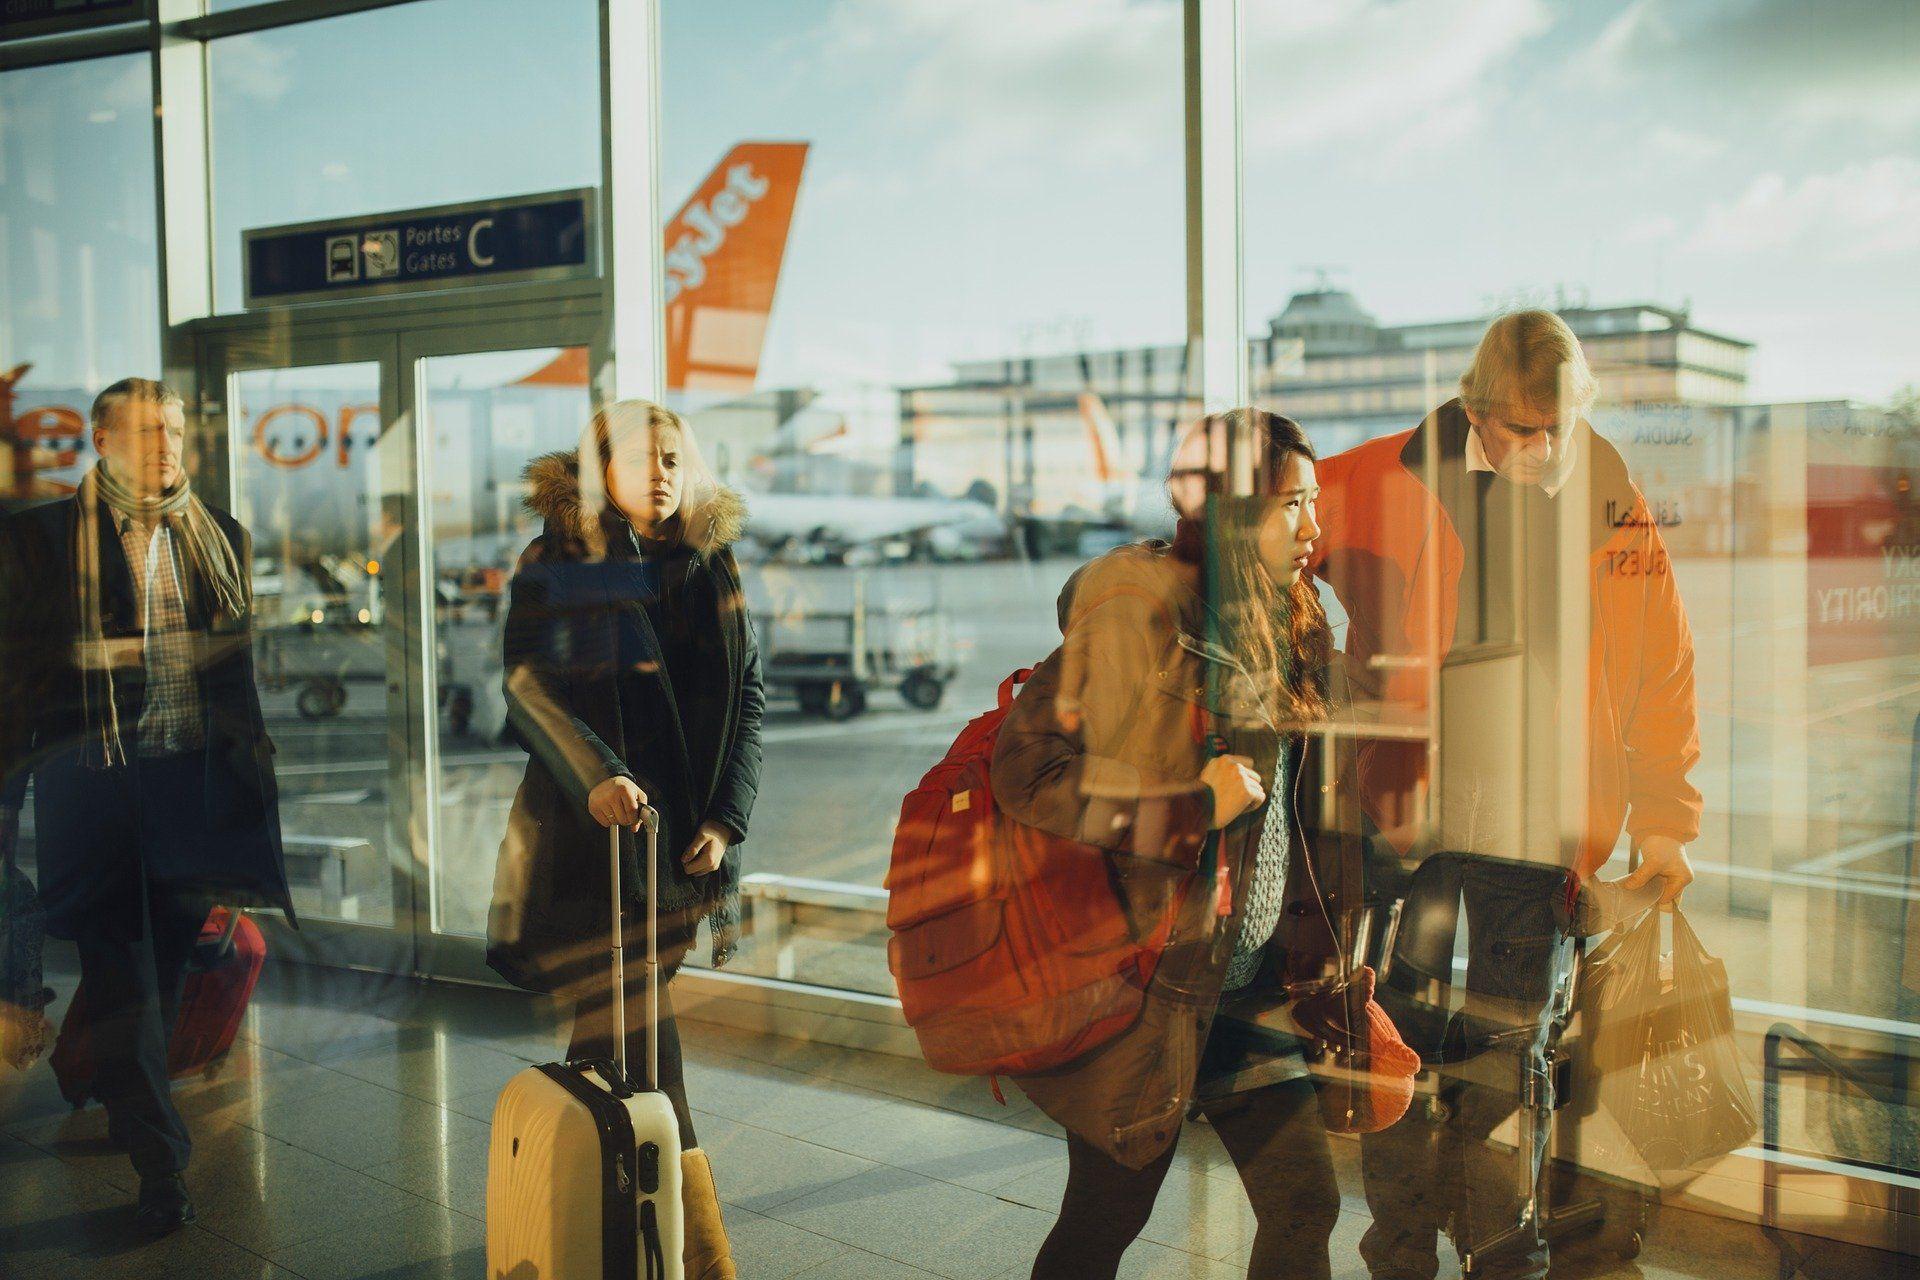 des voyageurs équipés de bagages s'apprêtent à embarquer - blog.troov.com